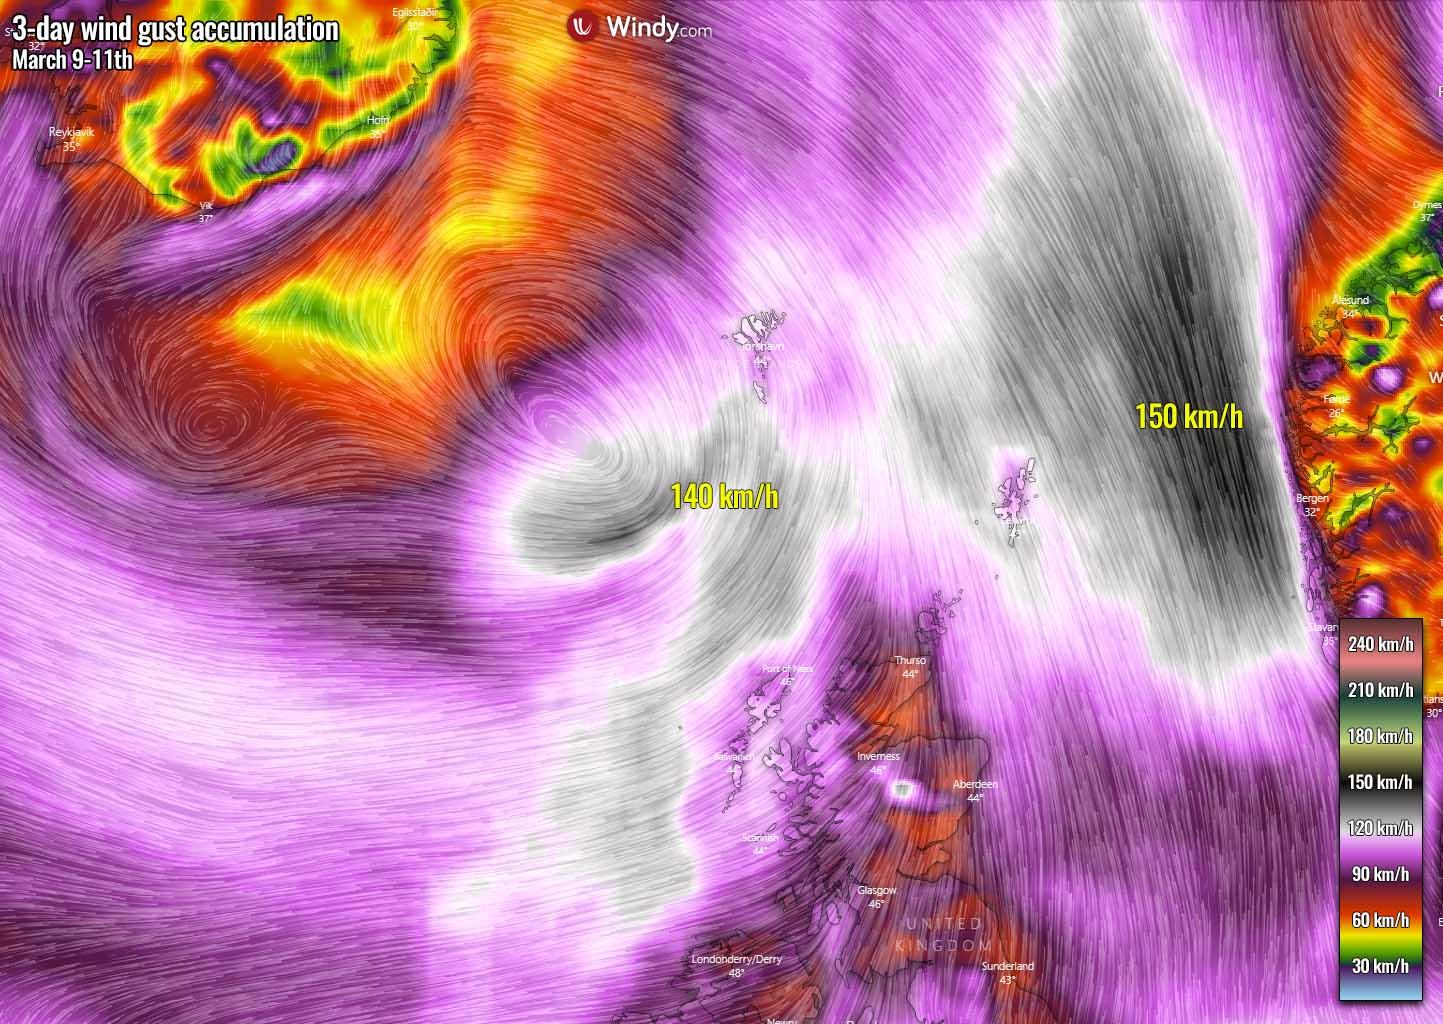 north-atlantic-nao-index-storm-windstorm-faroe-islands